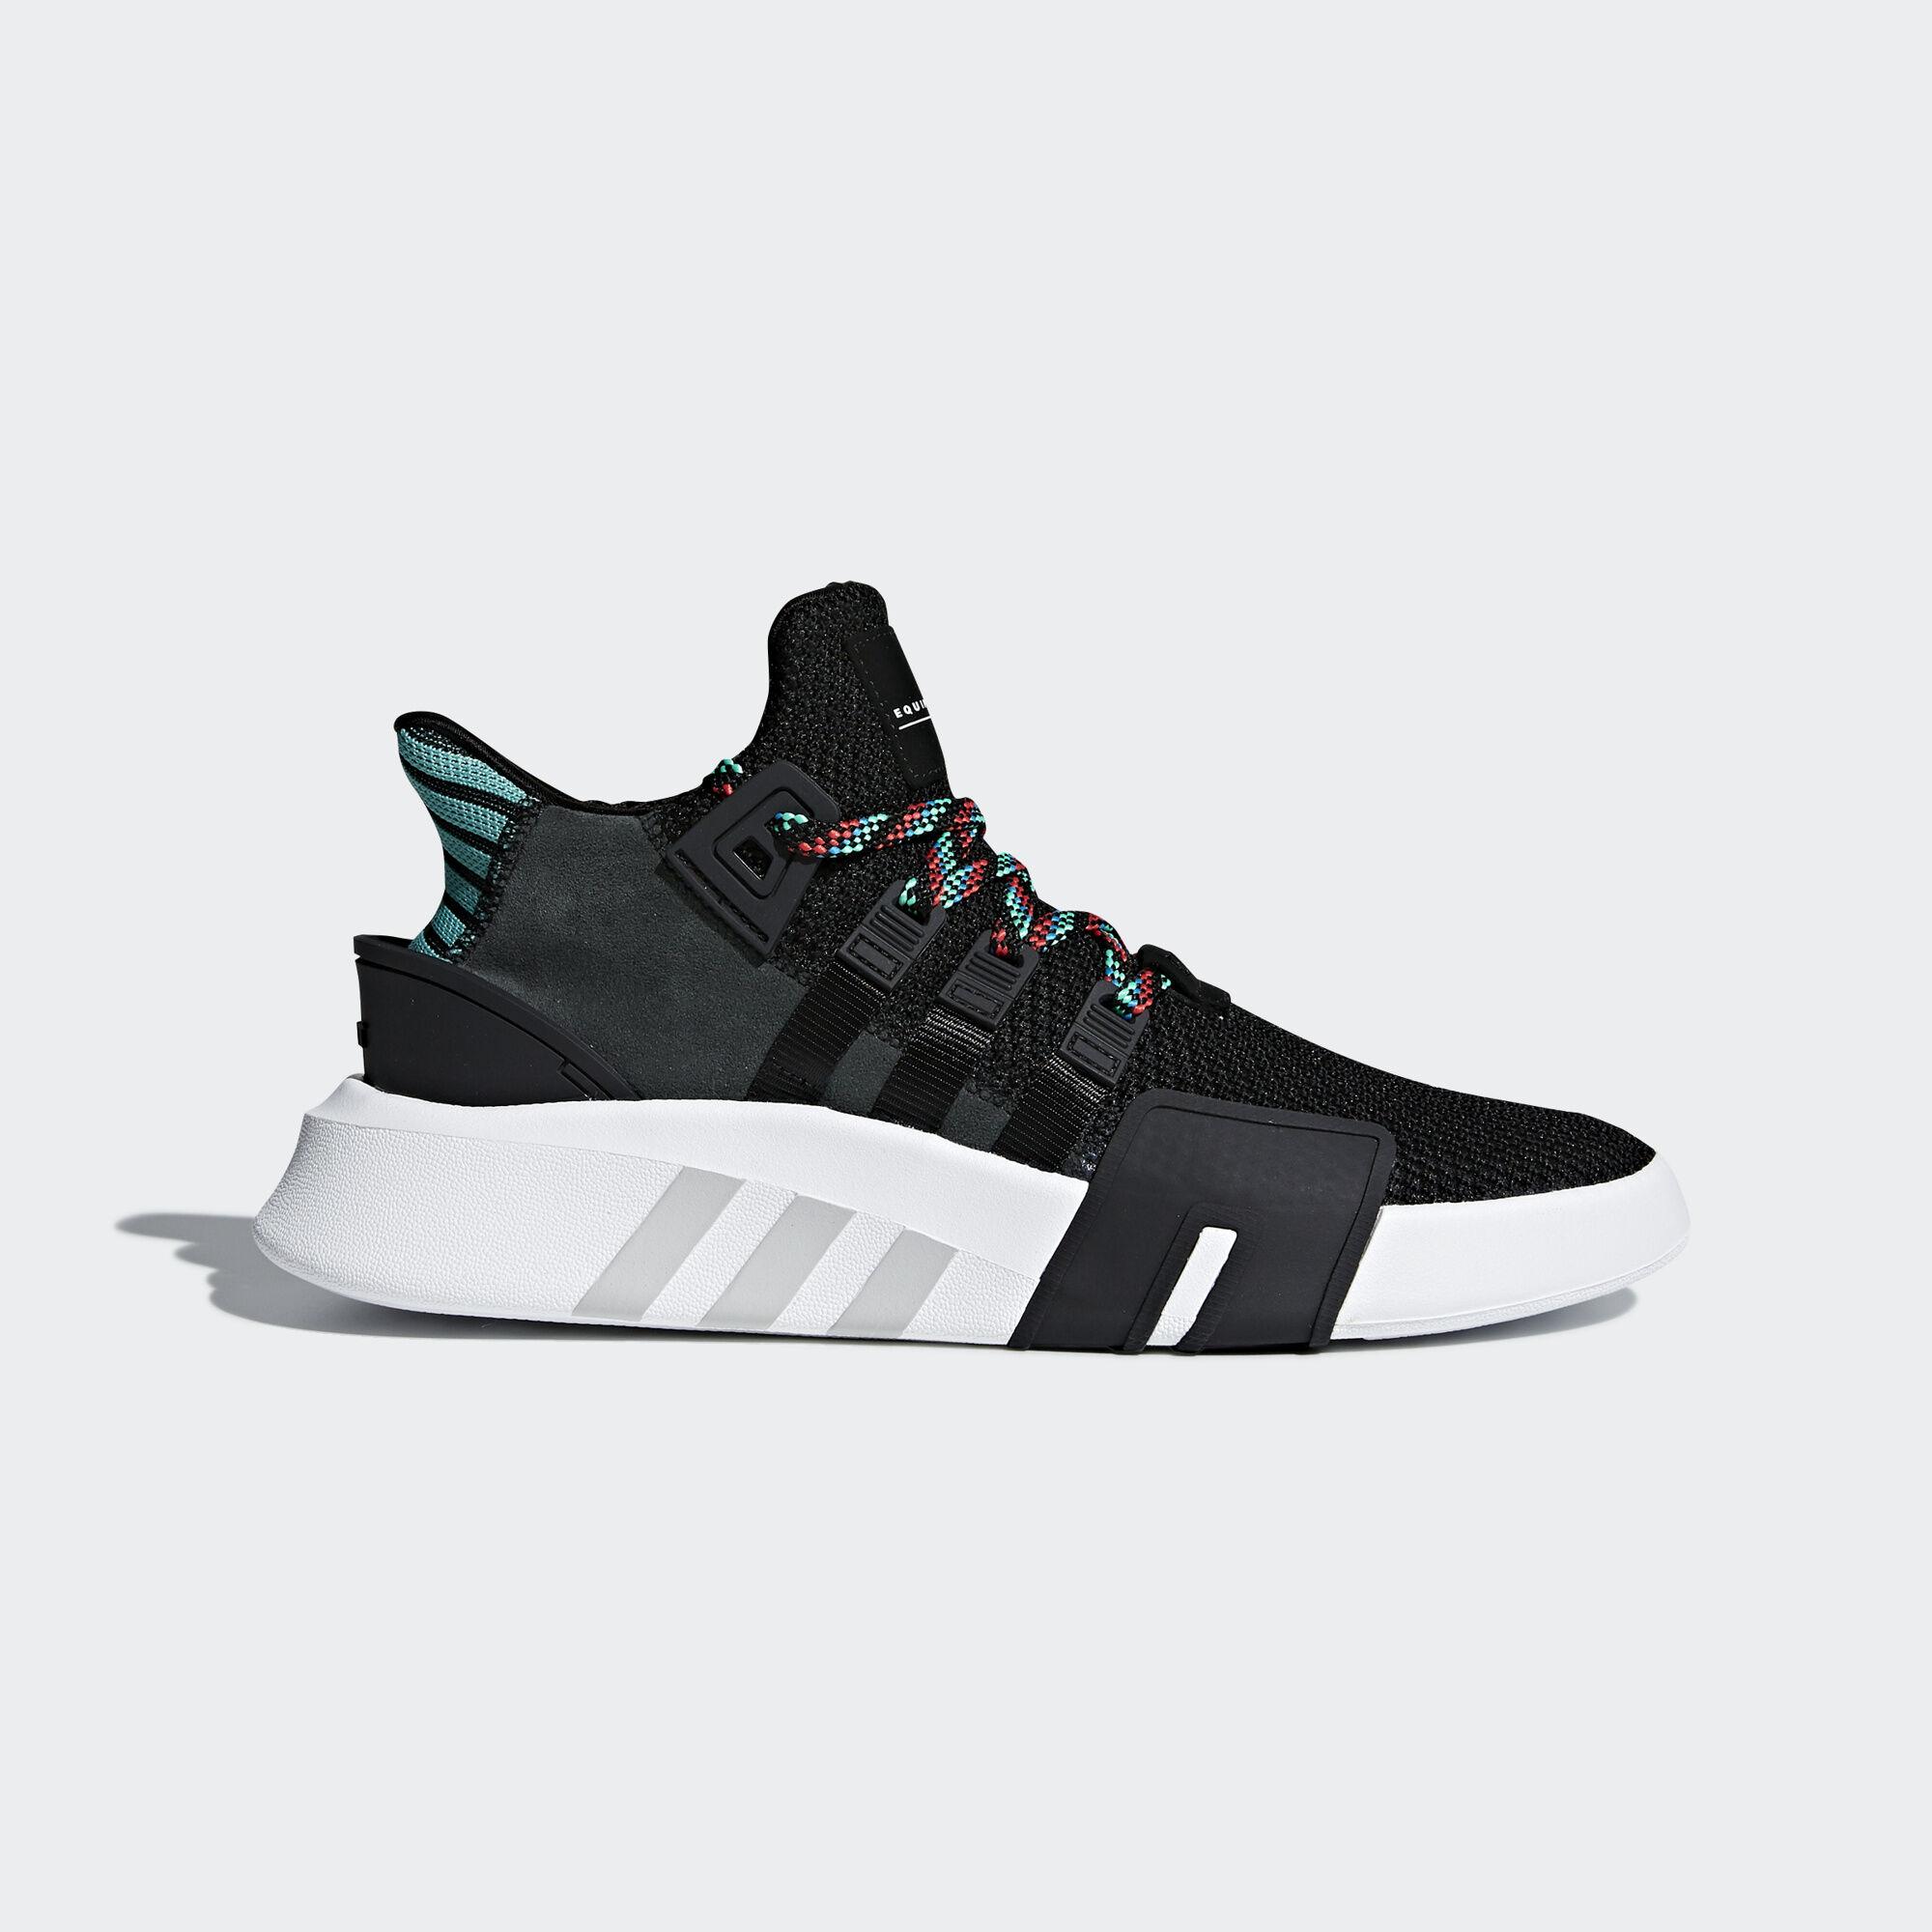 adidas schuhe, schwarze adidas sich eqt sind asien / naher osten